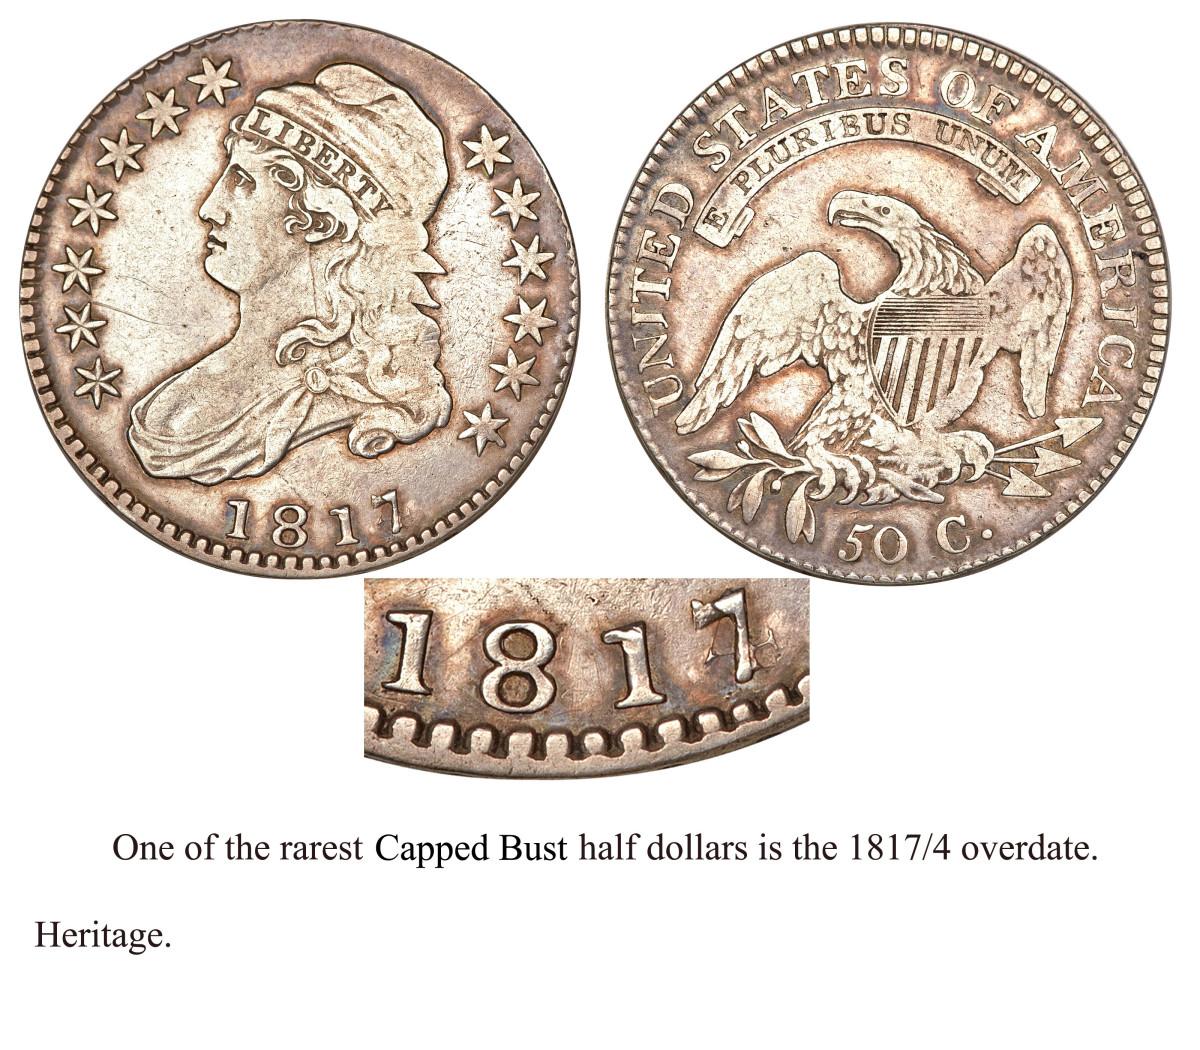 1817 Overdate Half Dollar